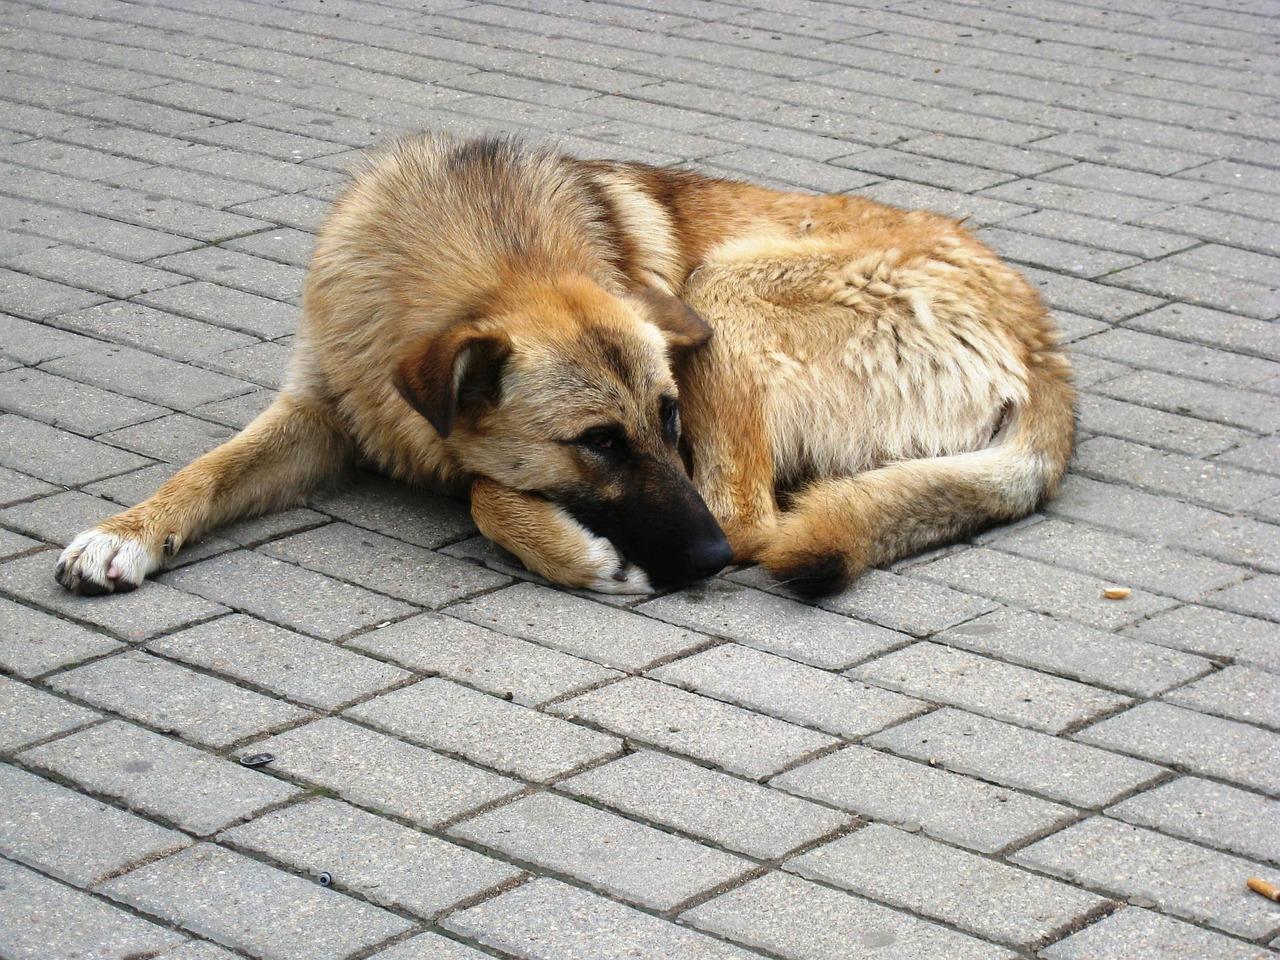 Mnóstwo zwierząt jest porzucanych. Czy płocczanie chętnie adoptują czworonogi ze schroniska?  - Zdjęcie główne